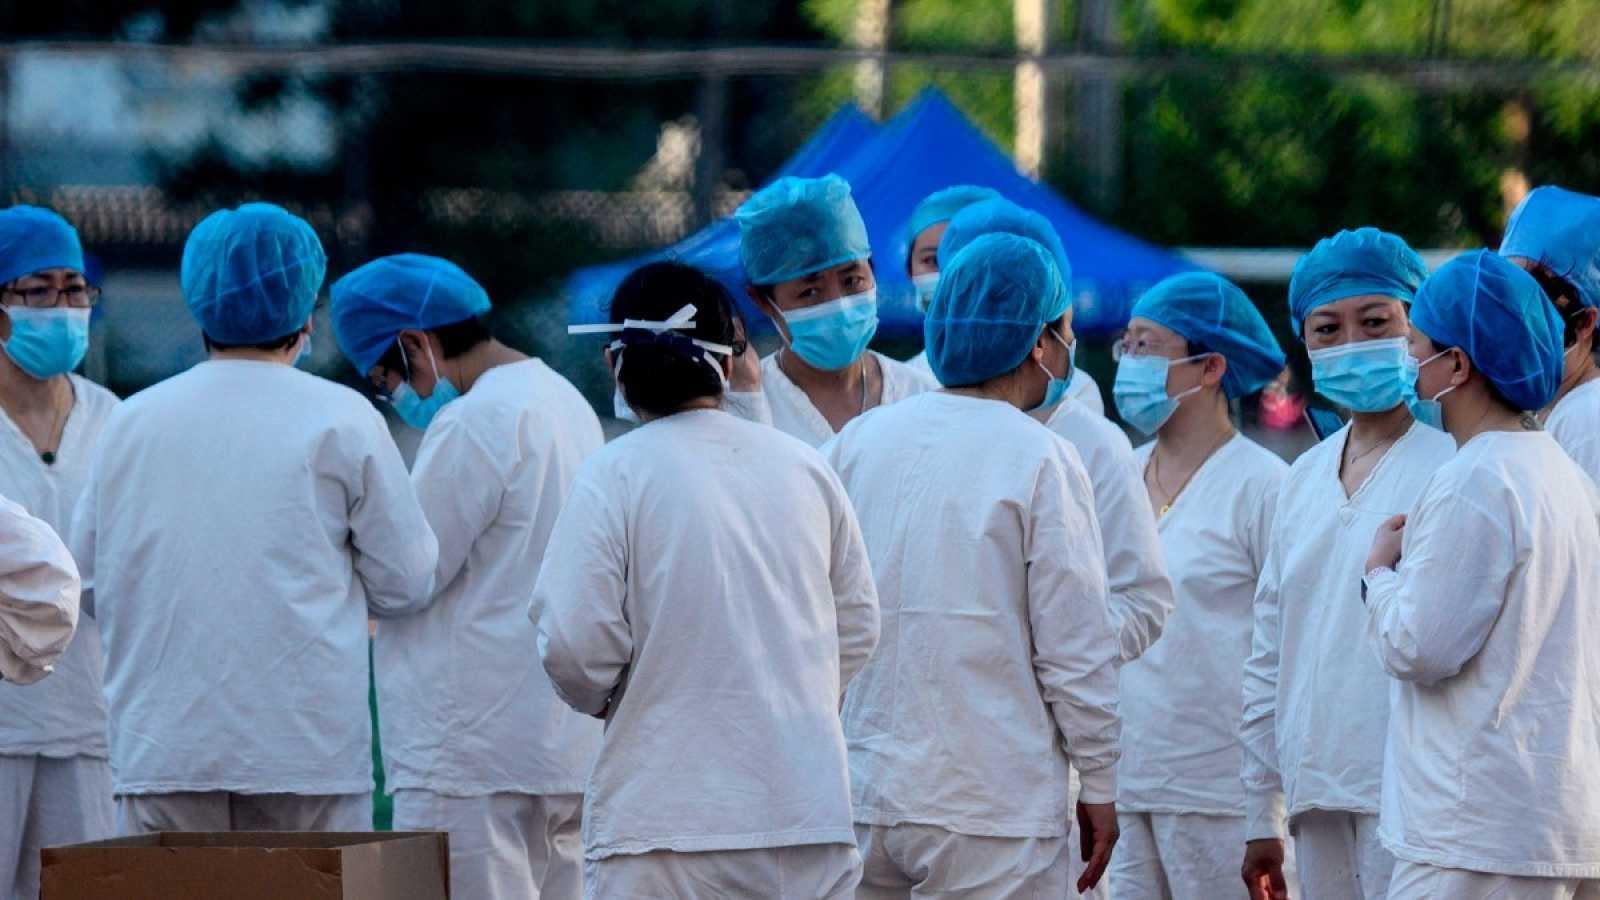 El personal médico se reúne en el Centro Deportivo Guang'an para realizar pruebas a las personas que visitaron o viven cerca del Mercado Xinfadi en Pekín